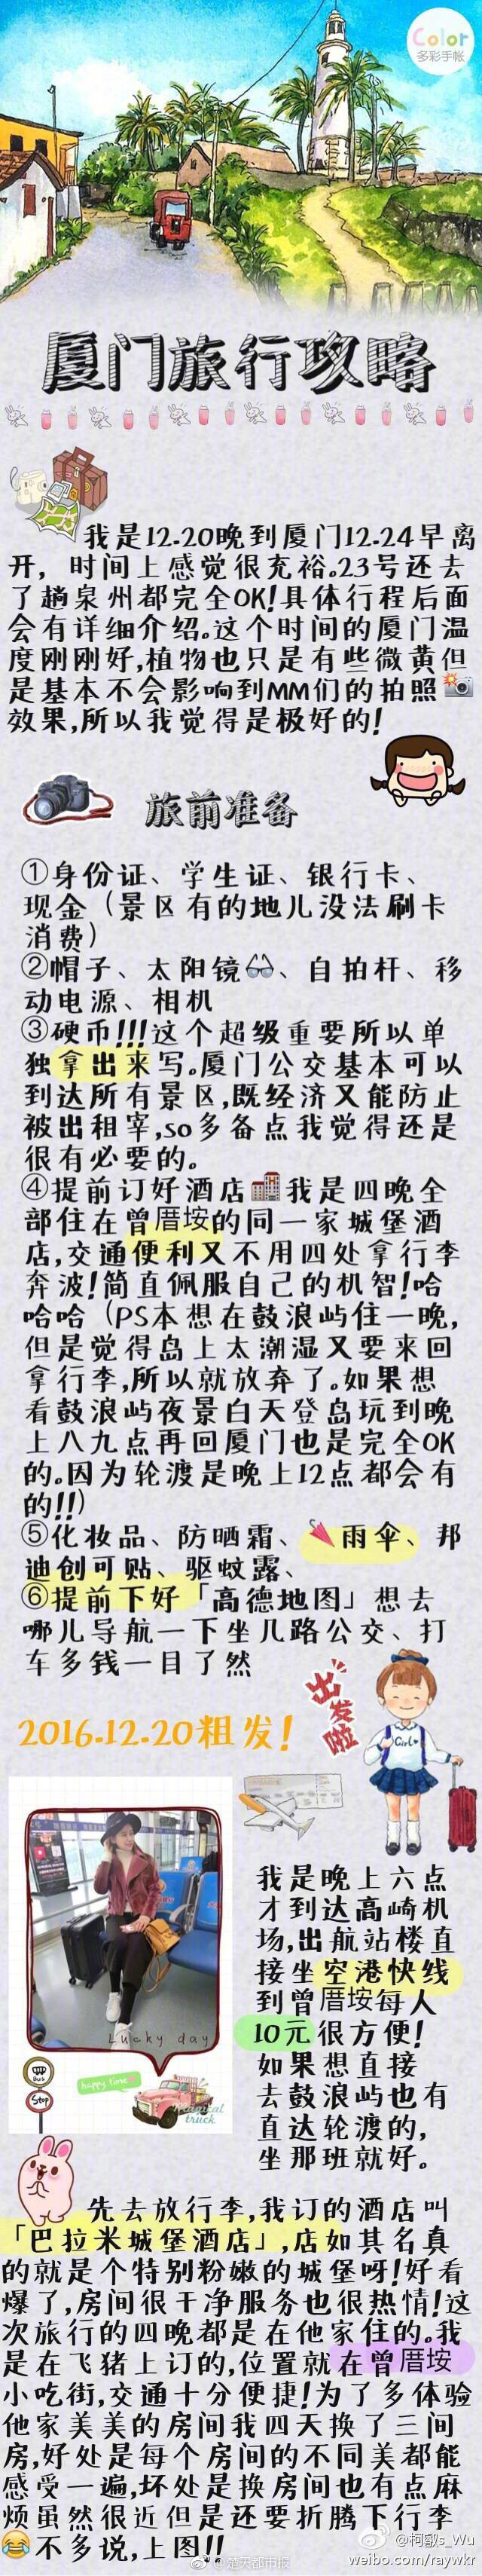 6、下列关于崔张故事的各版本中目前保留完整的是()。